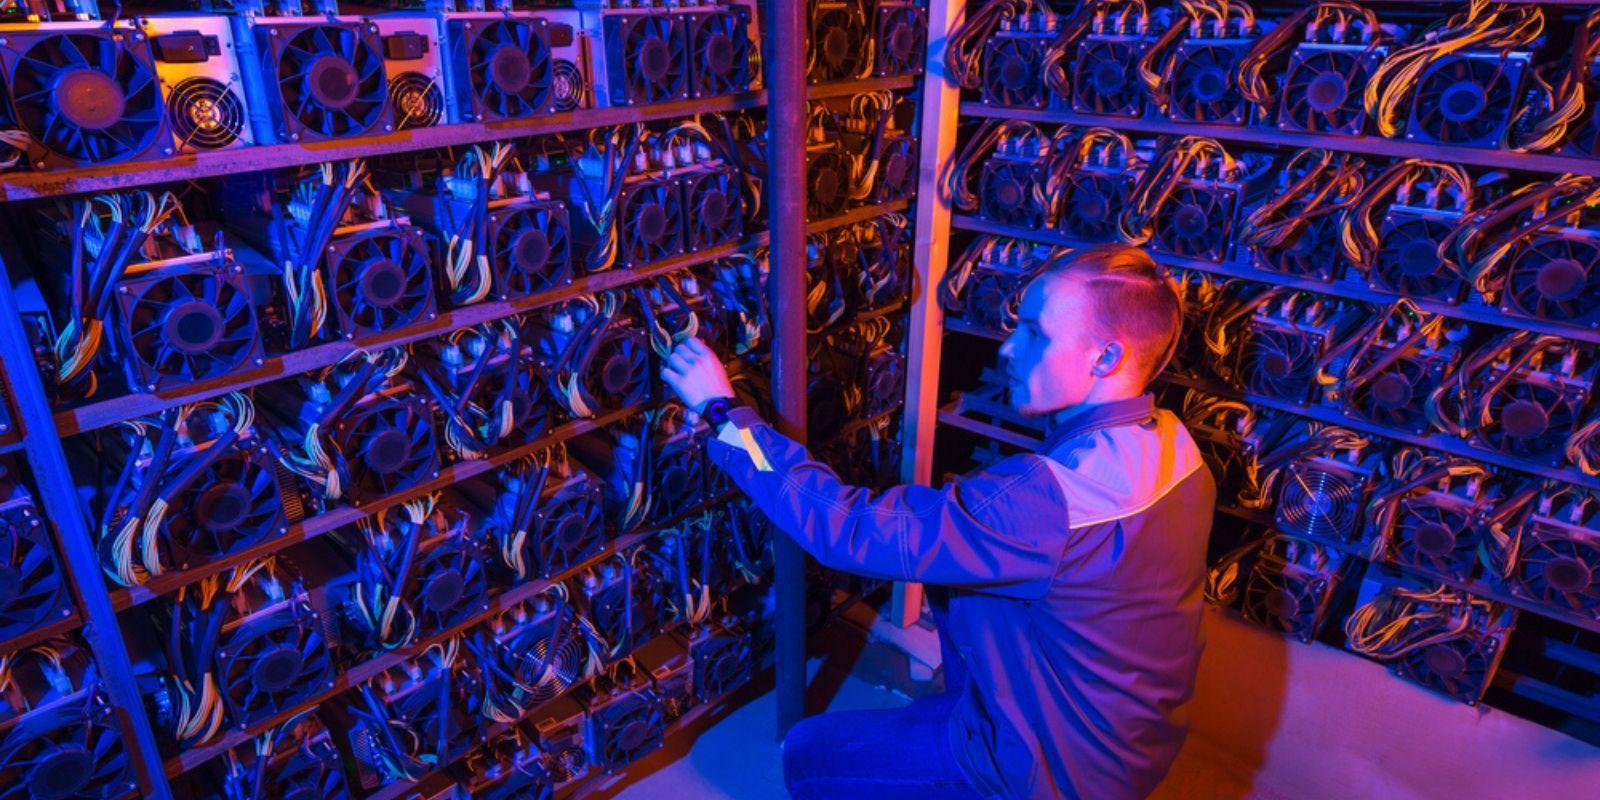 Risques cryptomonnaies - la cryptomonnaie, une révolution technologique encore précoce.